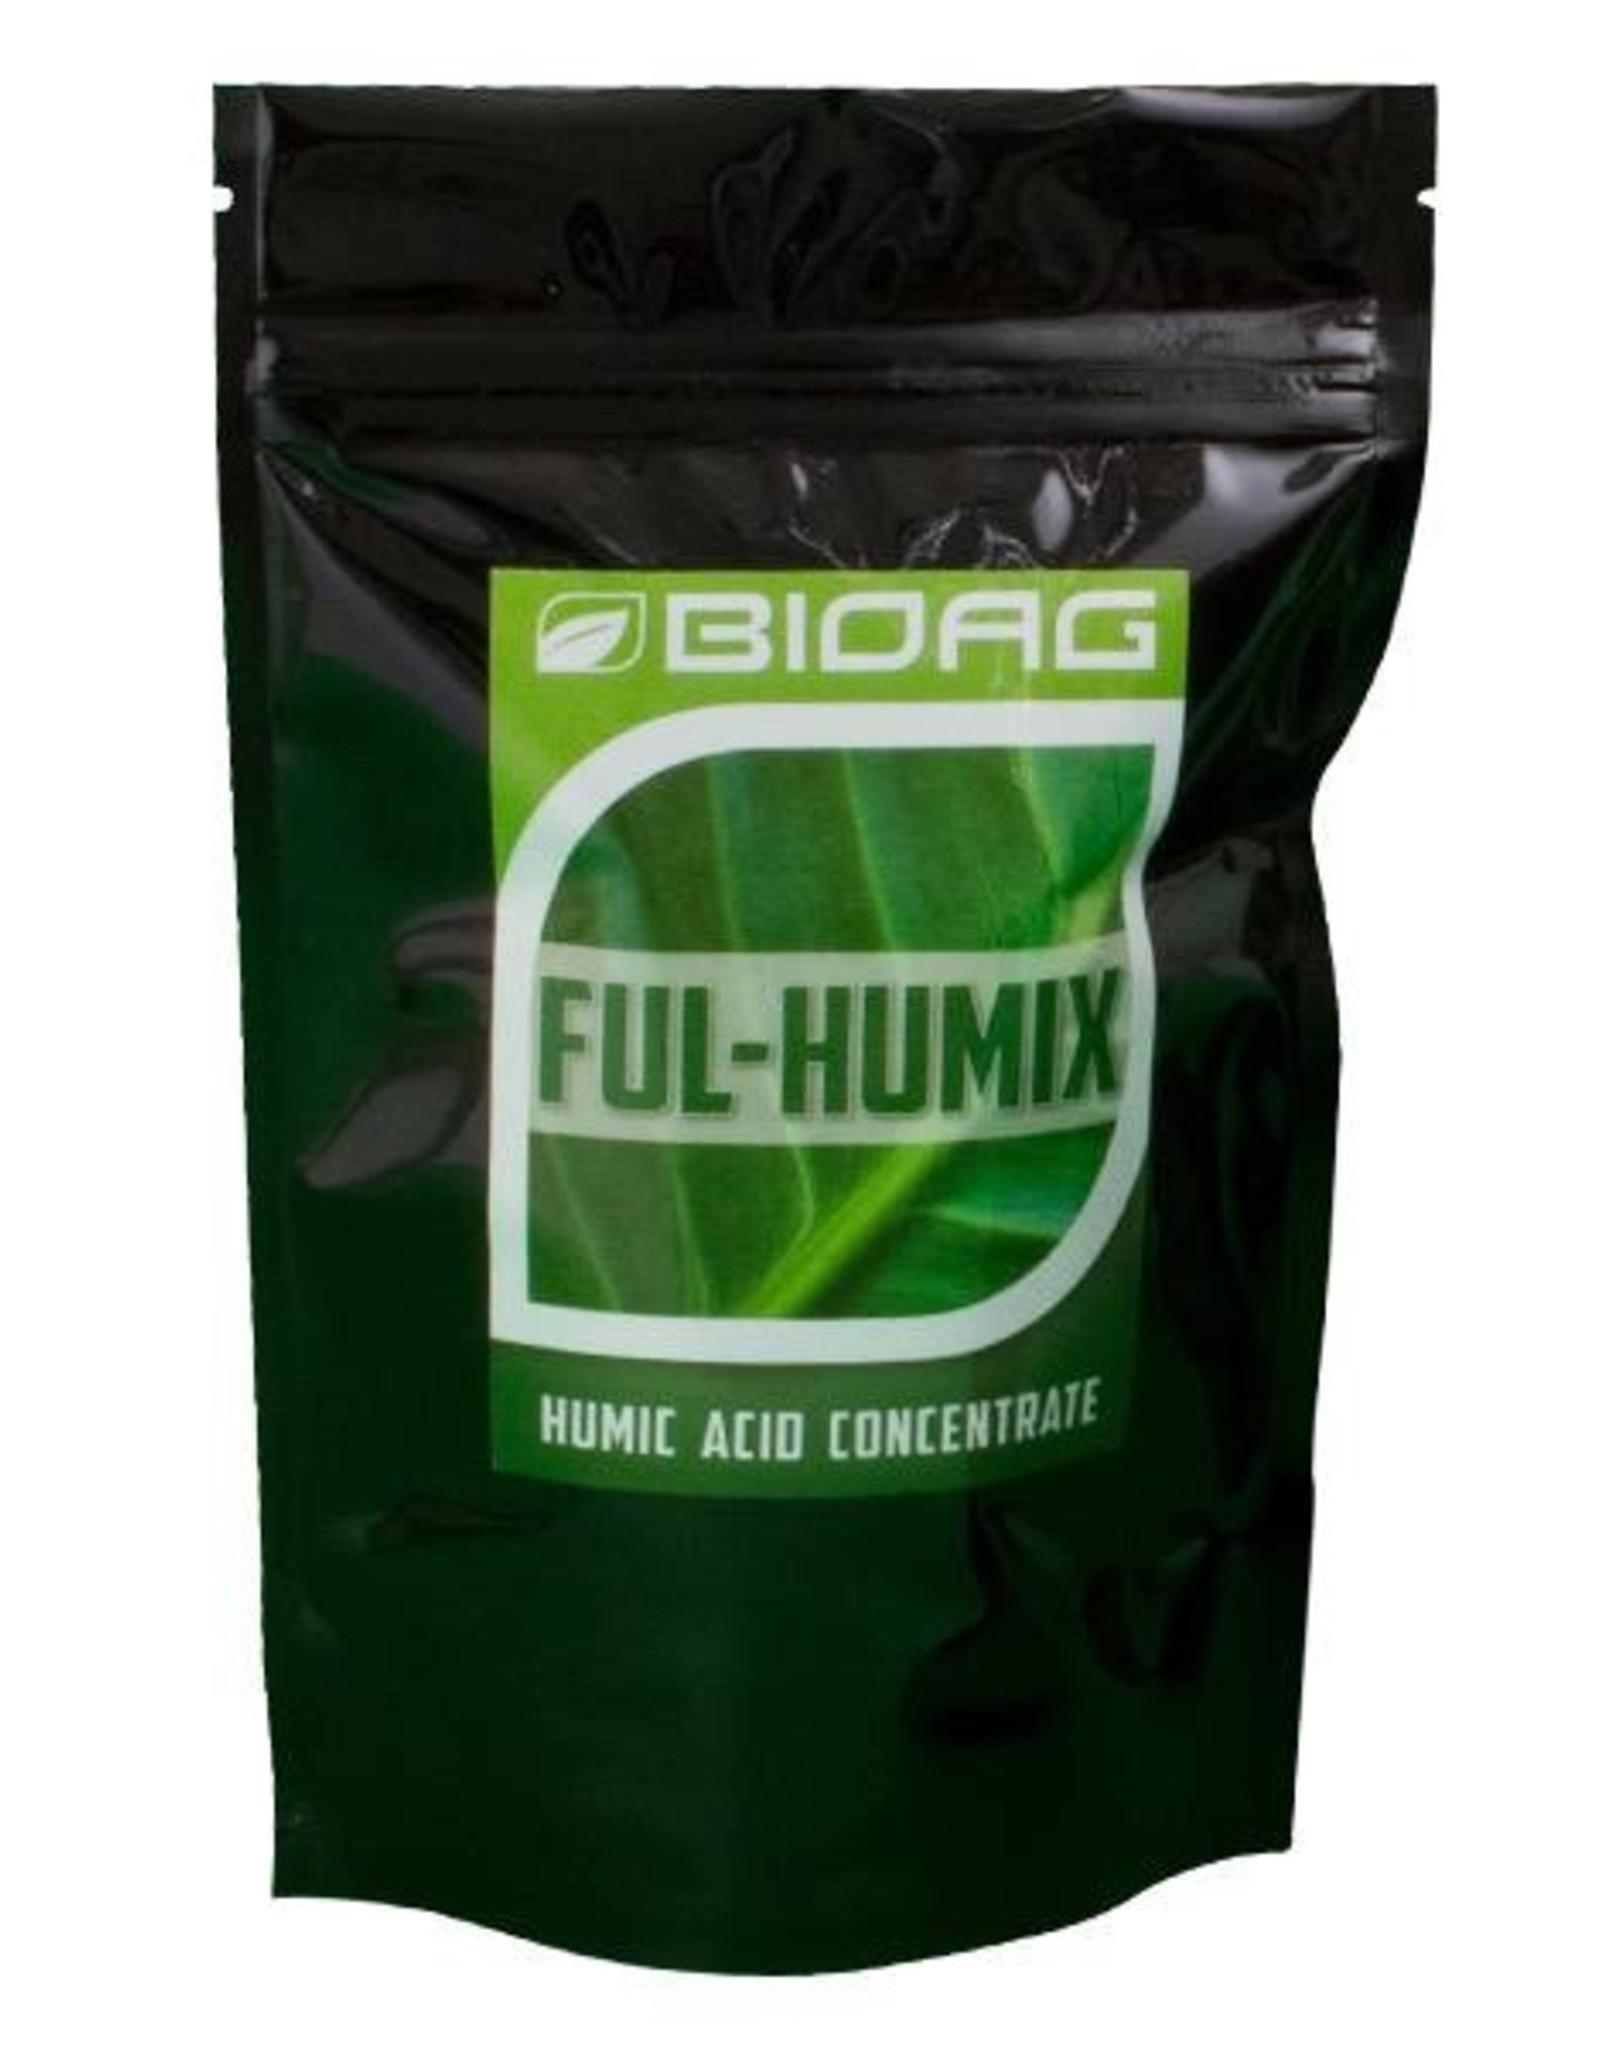 BIOAG BioAg Ful-Humix 300 gm